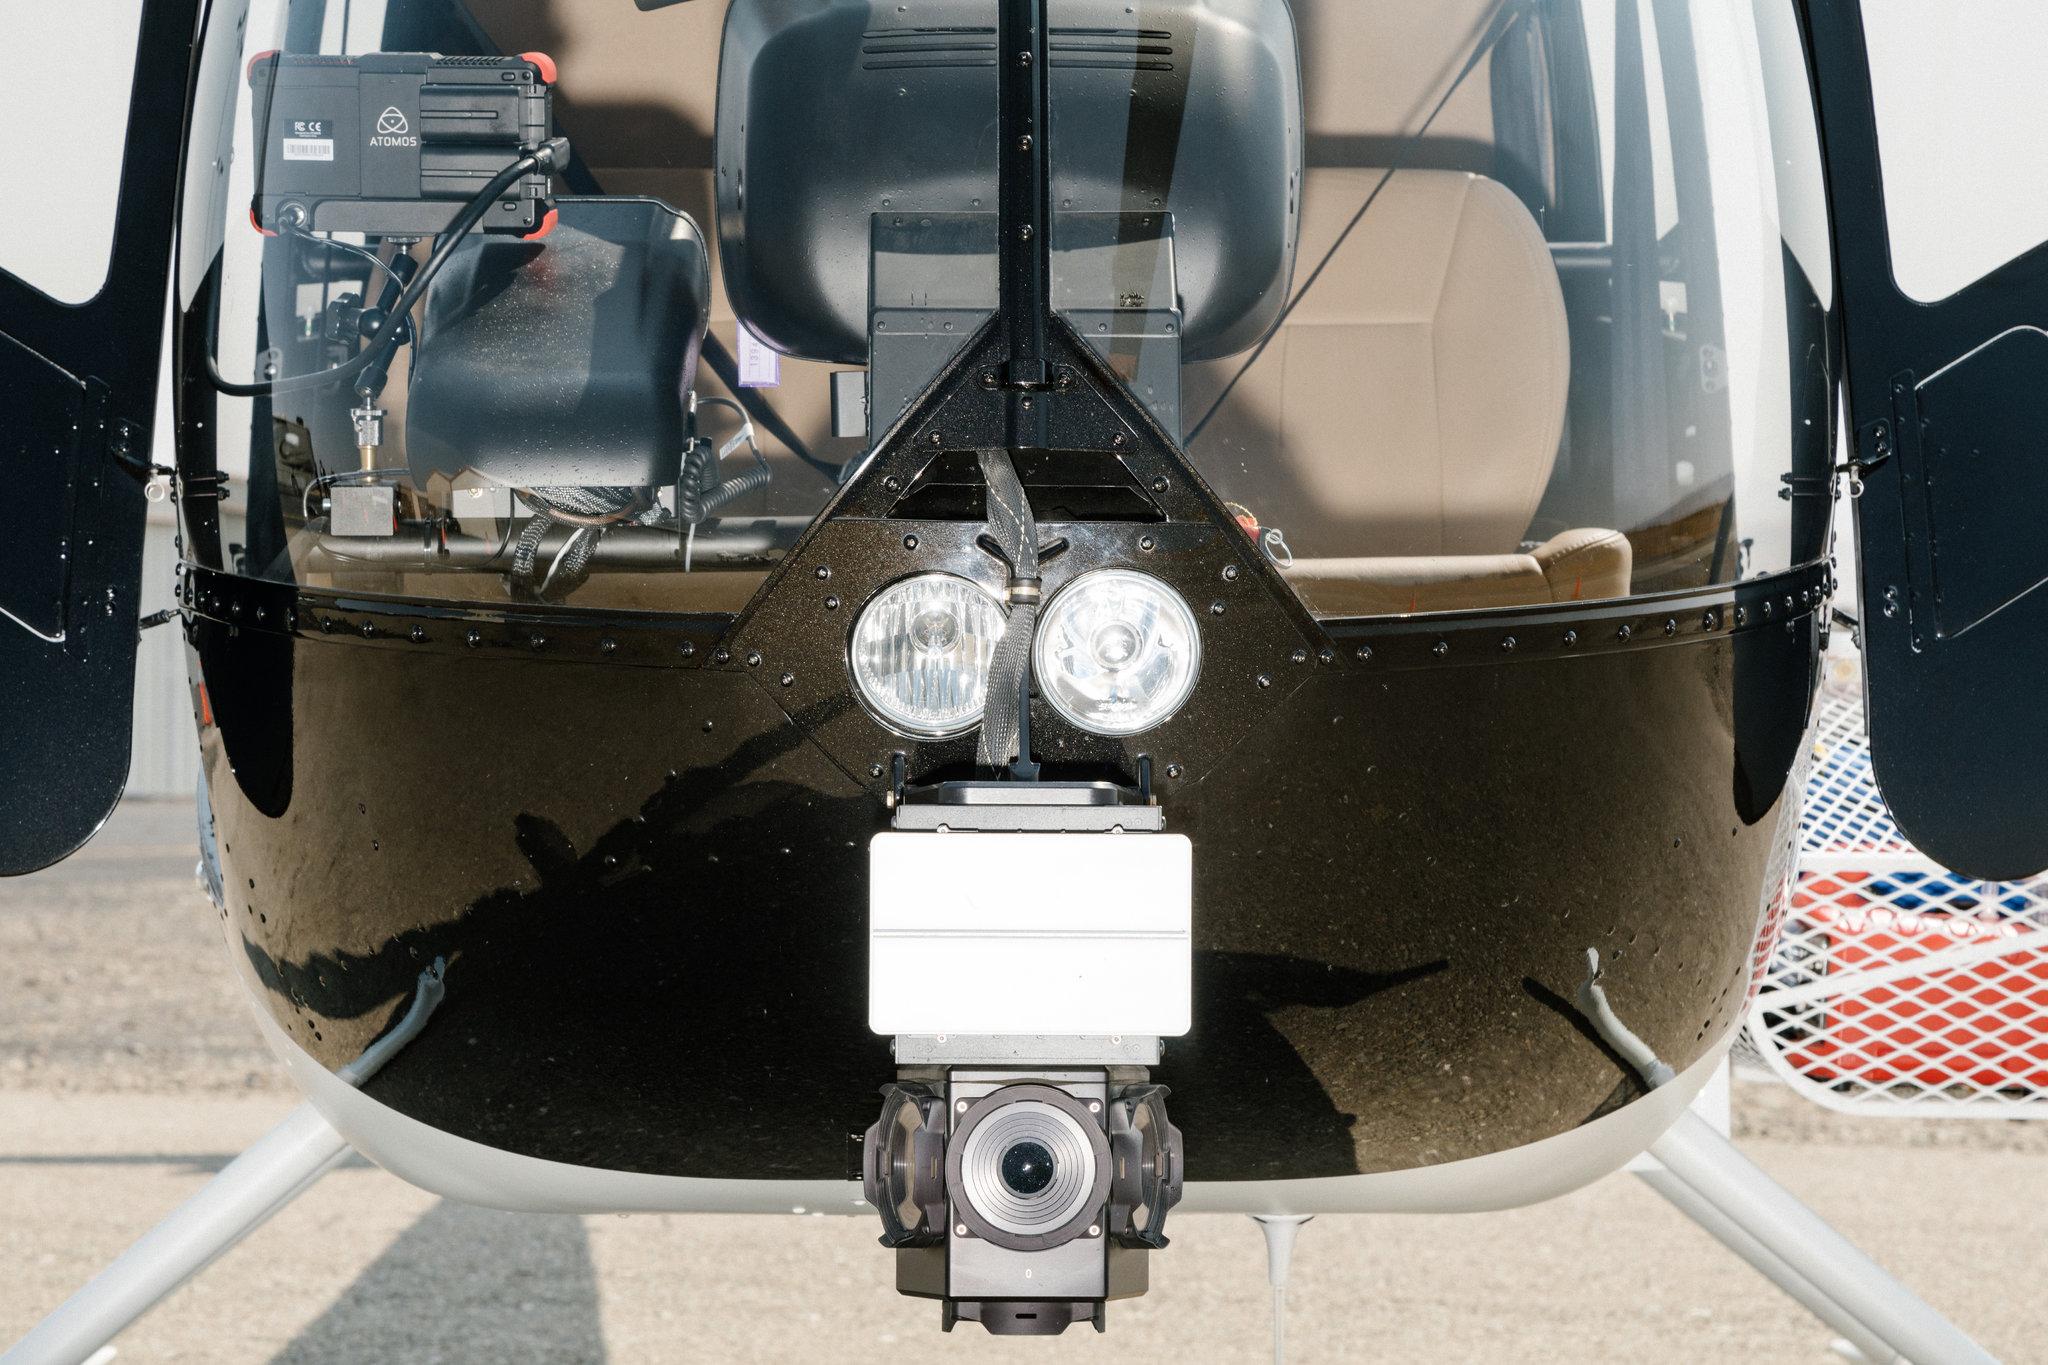 Кремниевая долина делает осторожный шаг в сторону автономных летательных аппаратов